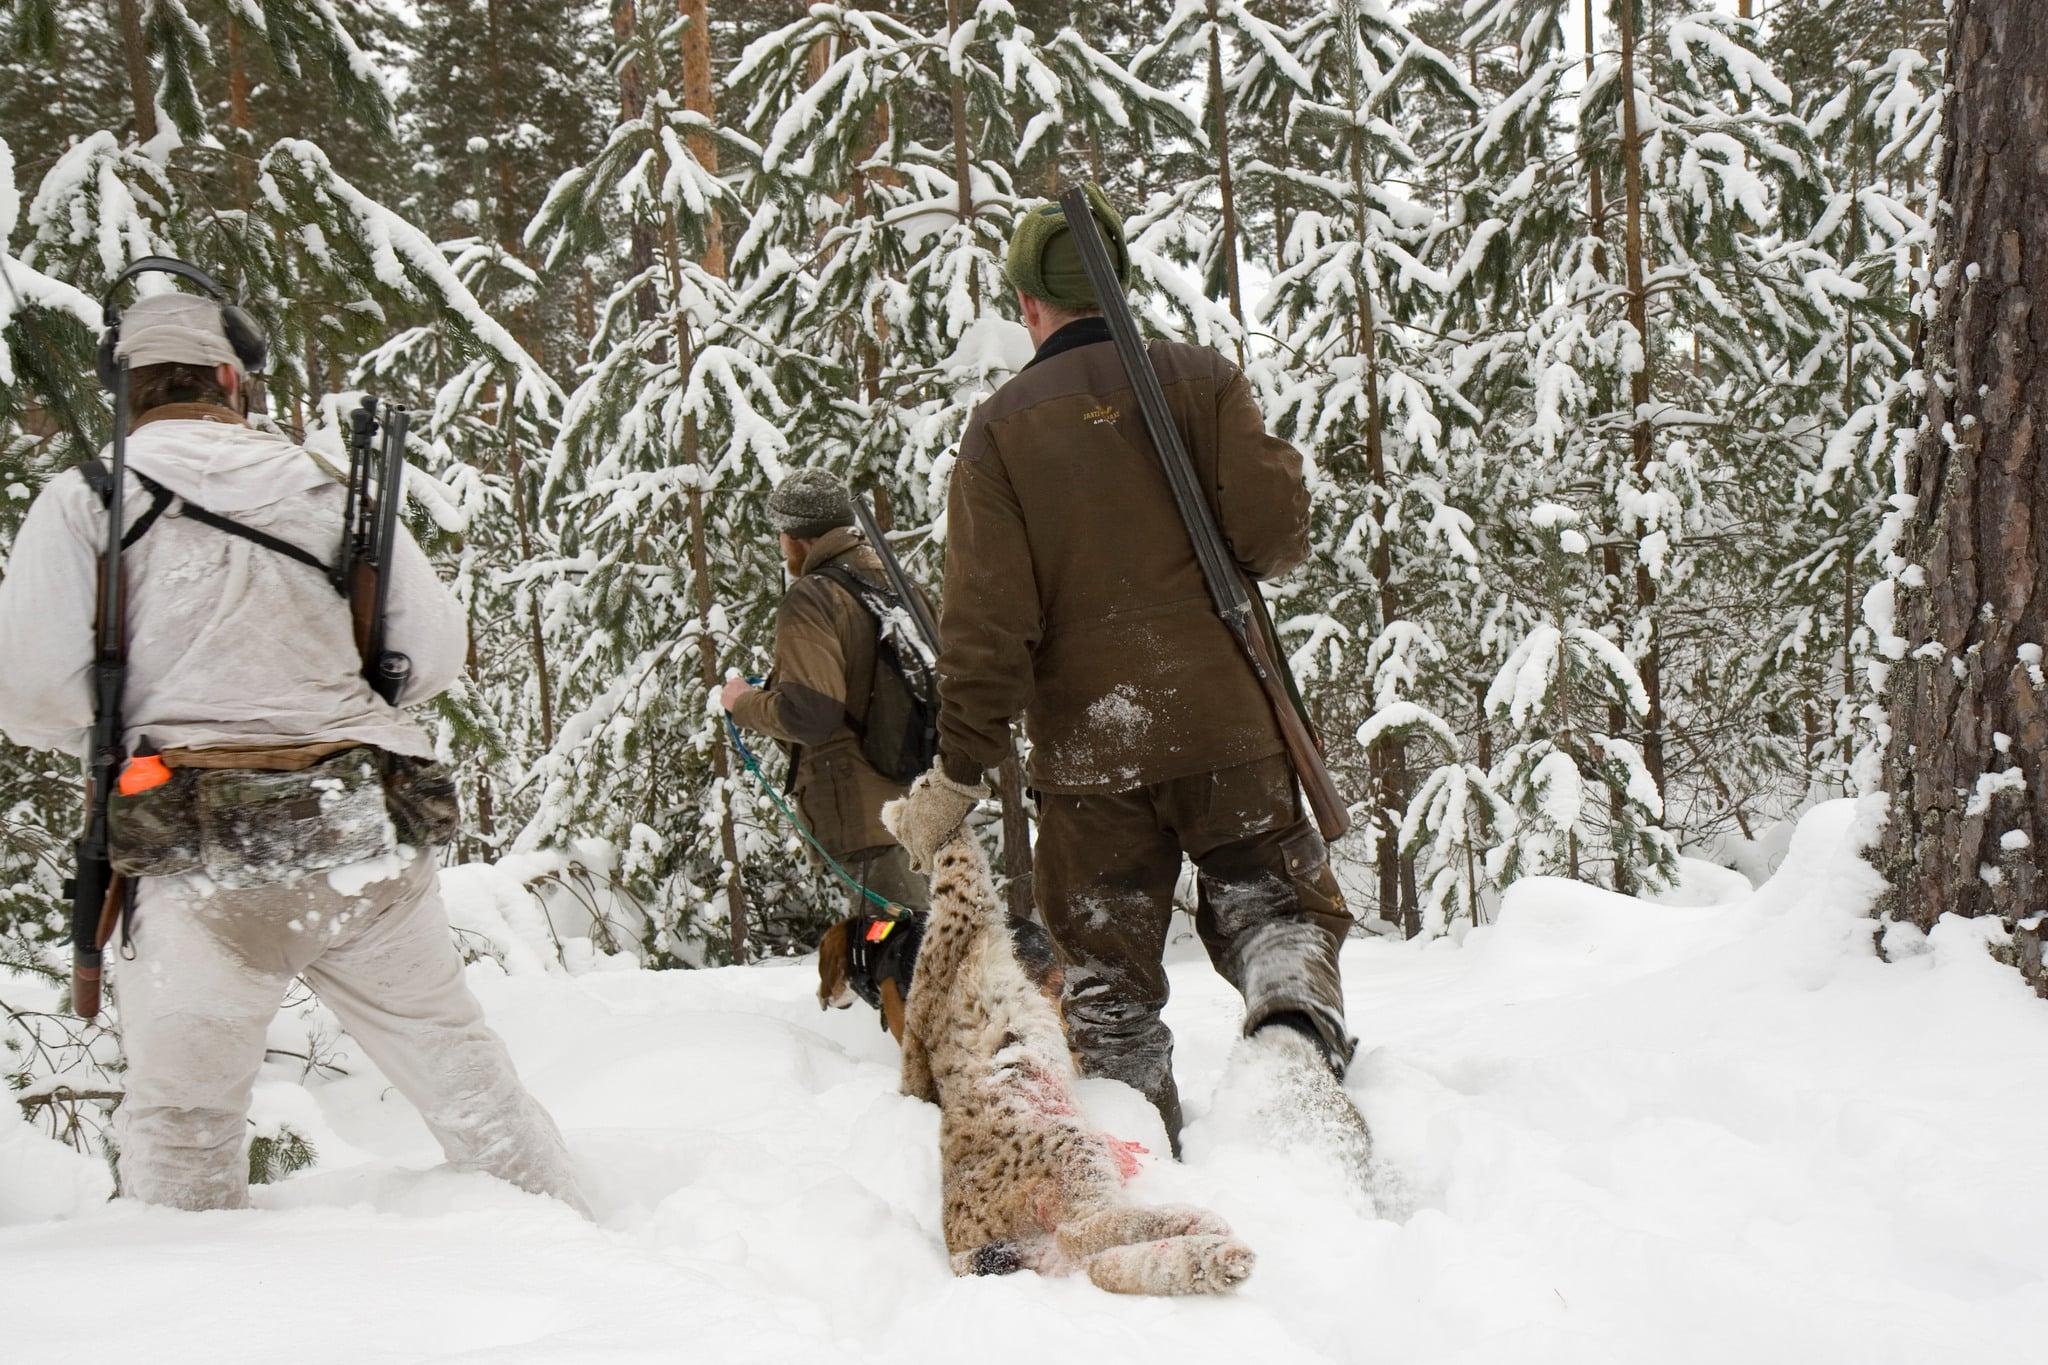 Wolf Association Sweden har överklagat licensjakten på lo i Västerbotten. Foto: Olle Olsson